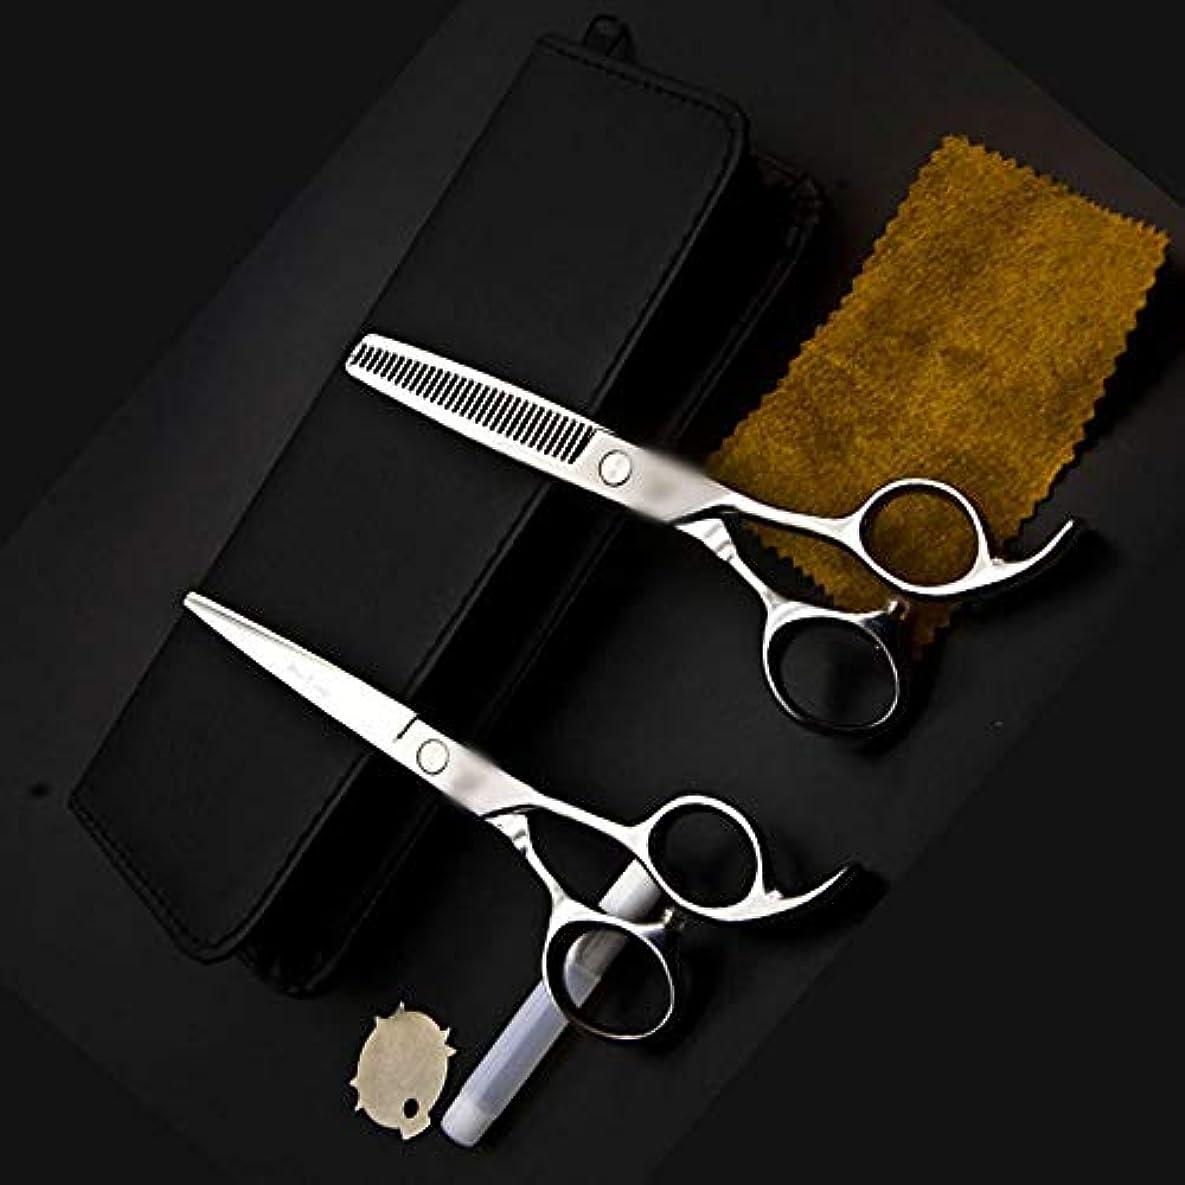 ヘロインジャベスウィルソン他の日6インチ美容院プロフェッショナル理髪はさみセット ヘアケア (色 : Silver)